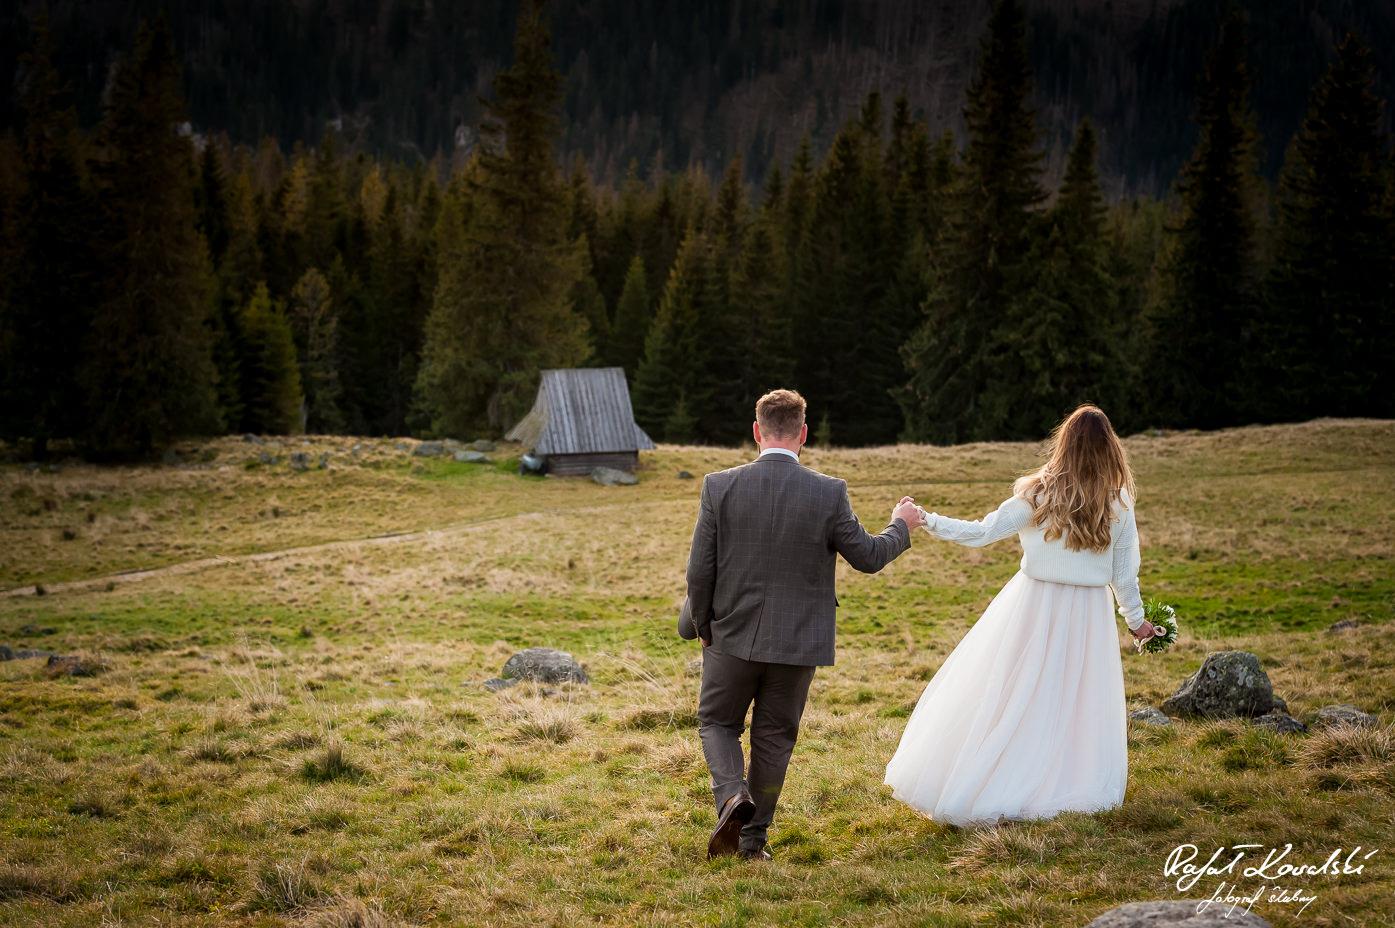 Sesja ślubna w Tatrach spacer w stronę bacówki